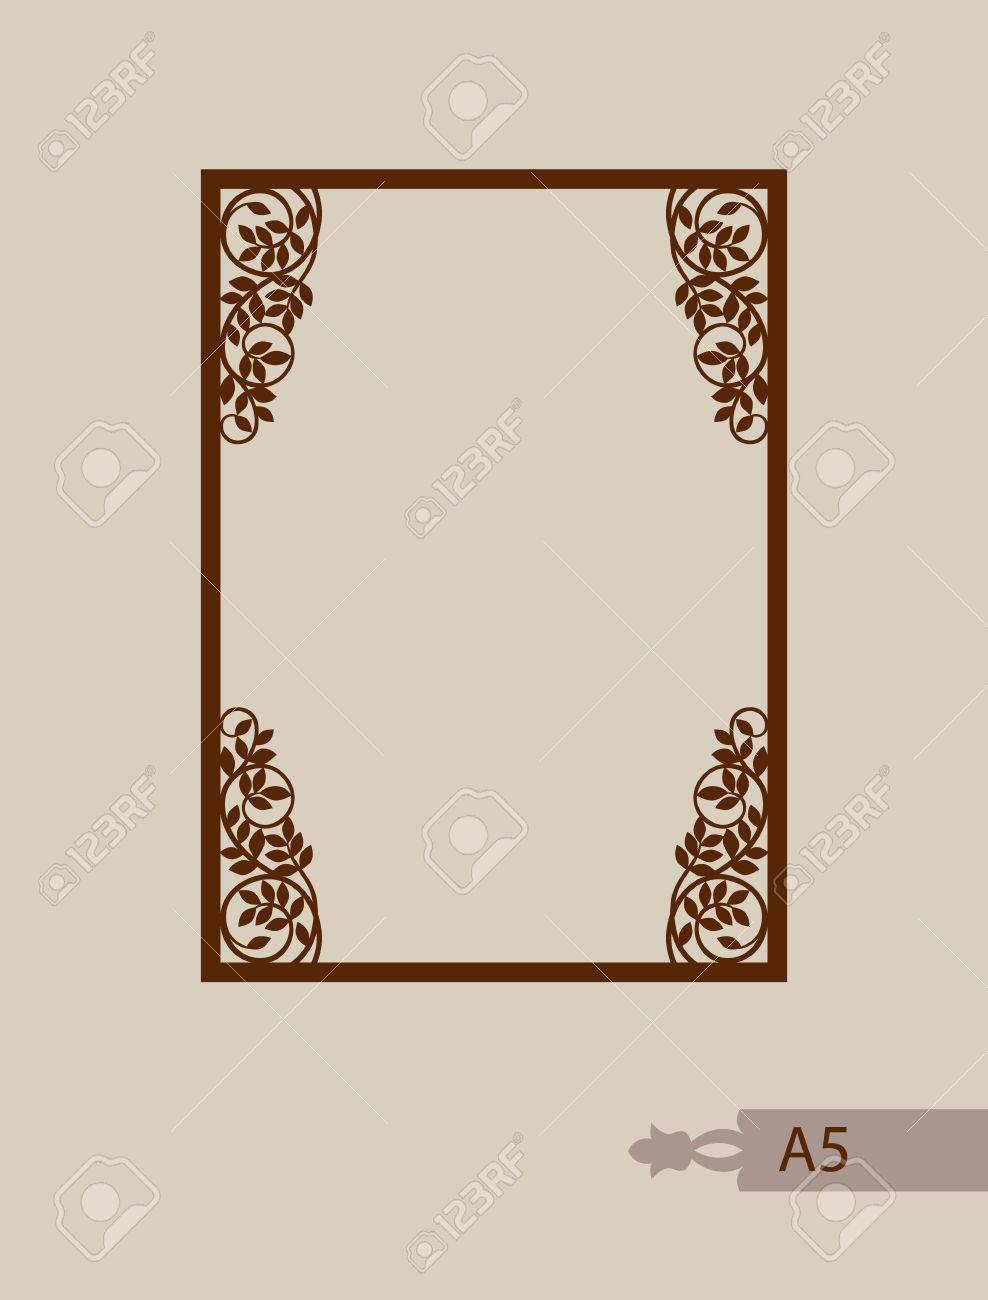 Abstrakte Quadratischen Fotorahmen Mit Strudeln. Muster Ist Geeignet ...